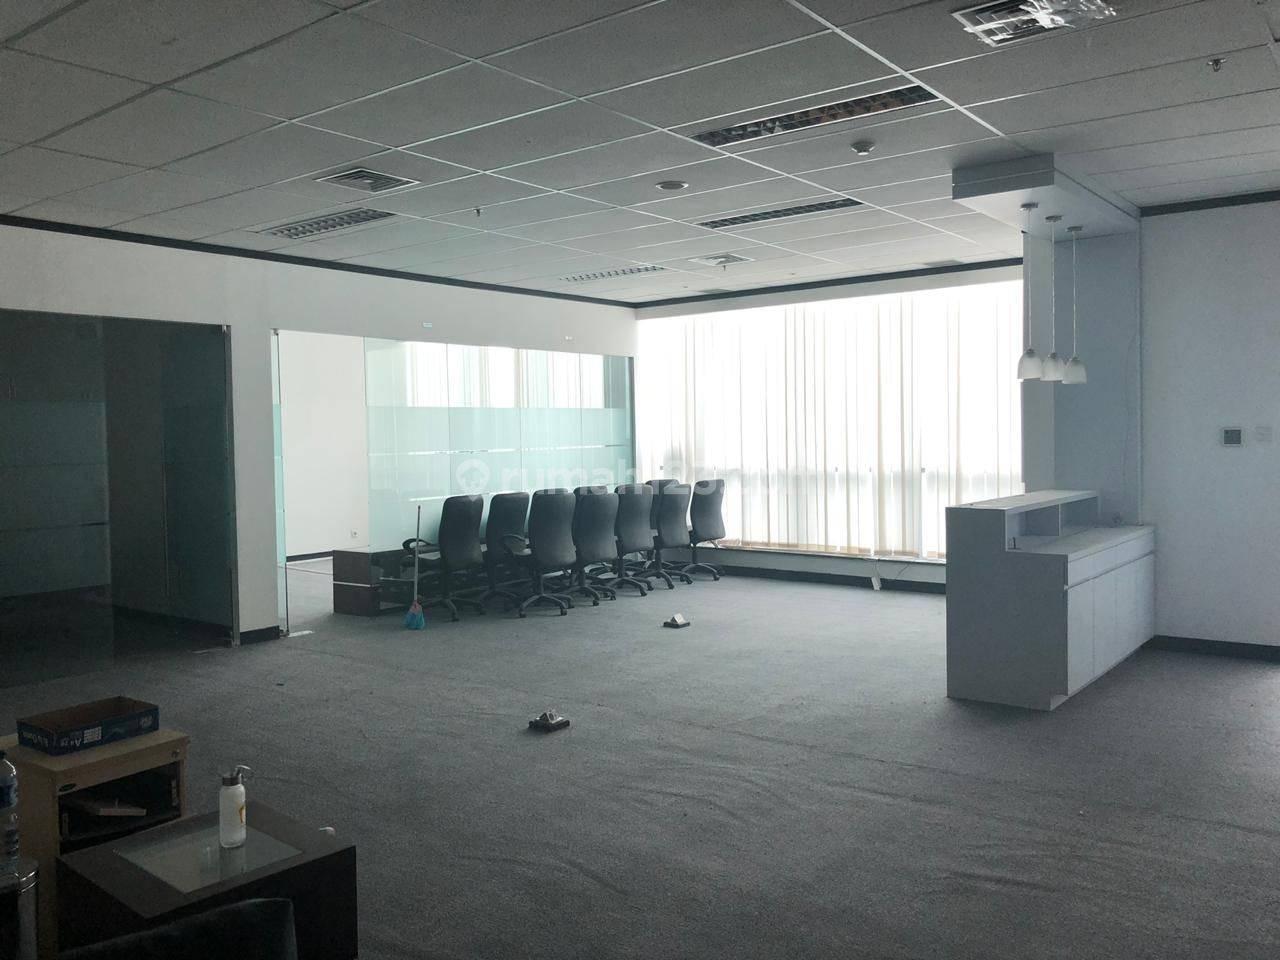 Office Space 185 sqm APL Tower at Central Park, Tanjung Duren, Jakarta Barat.